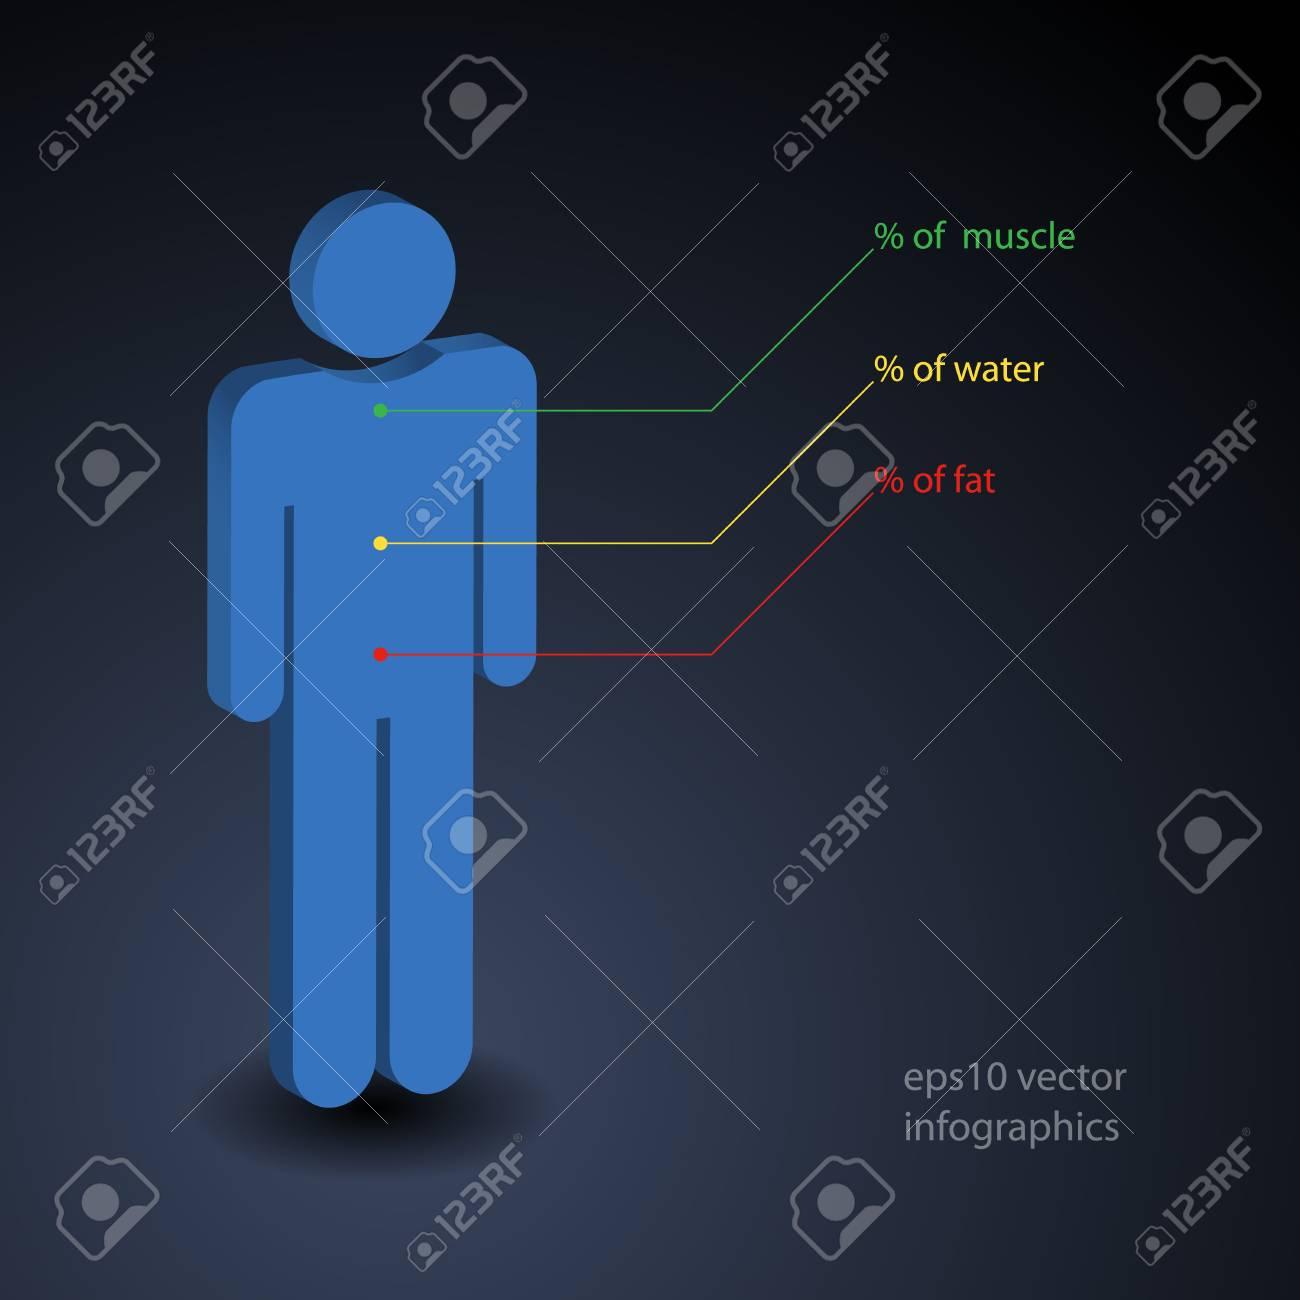 Infografía Simple Sobre Porcentaje De Músculo, El Agua Y La Grasa En ...